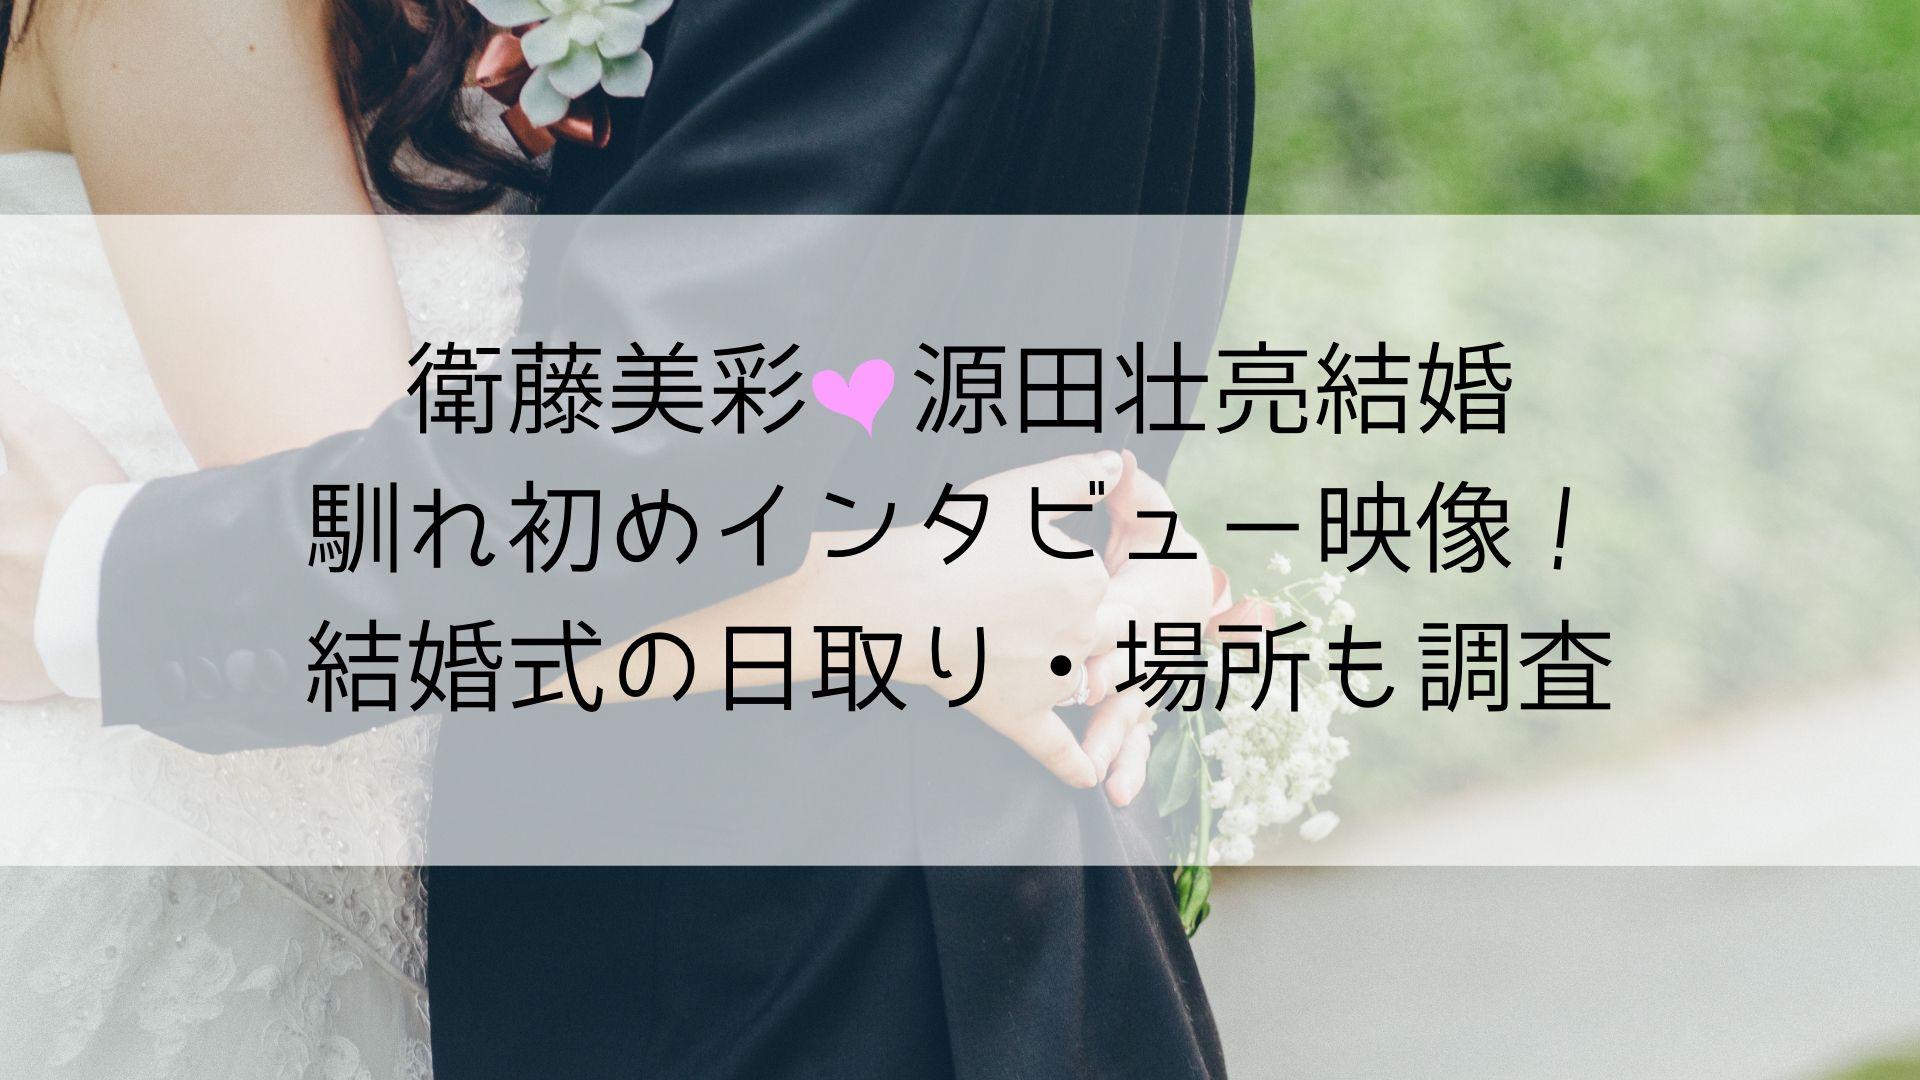 美 彩 衛藤 源田